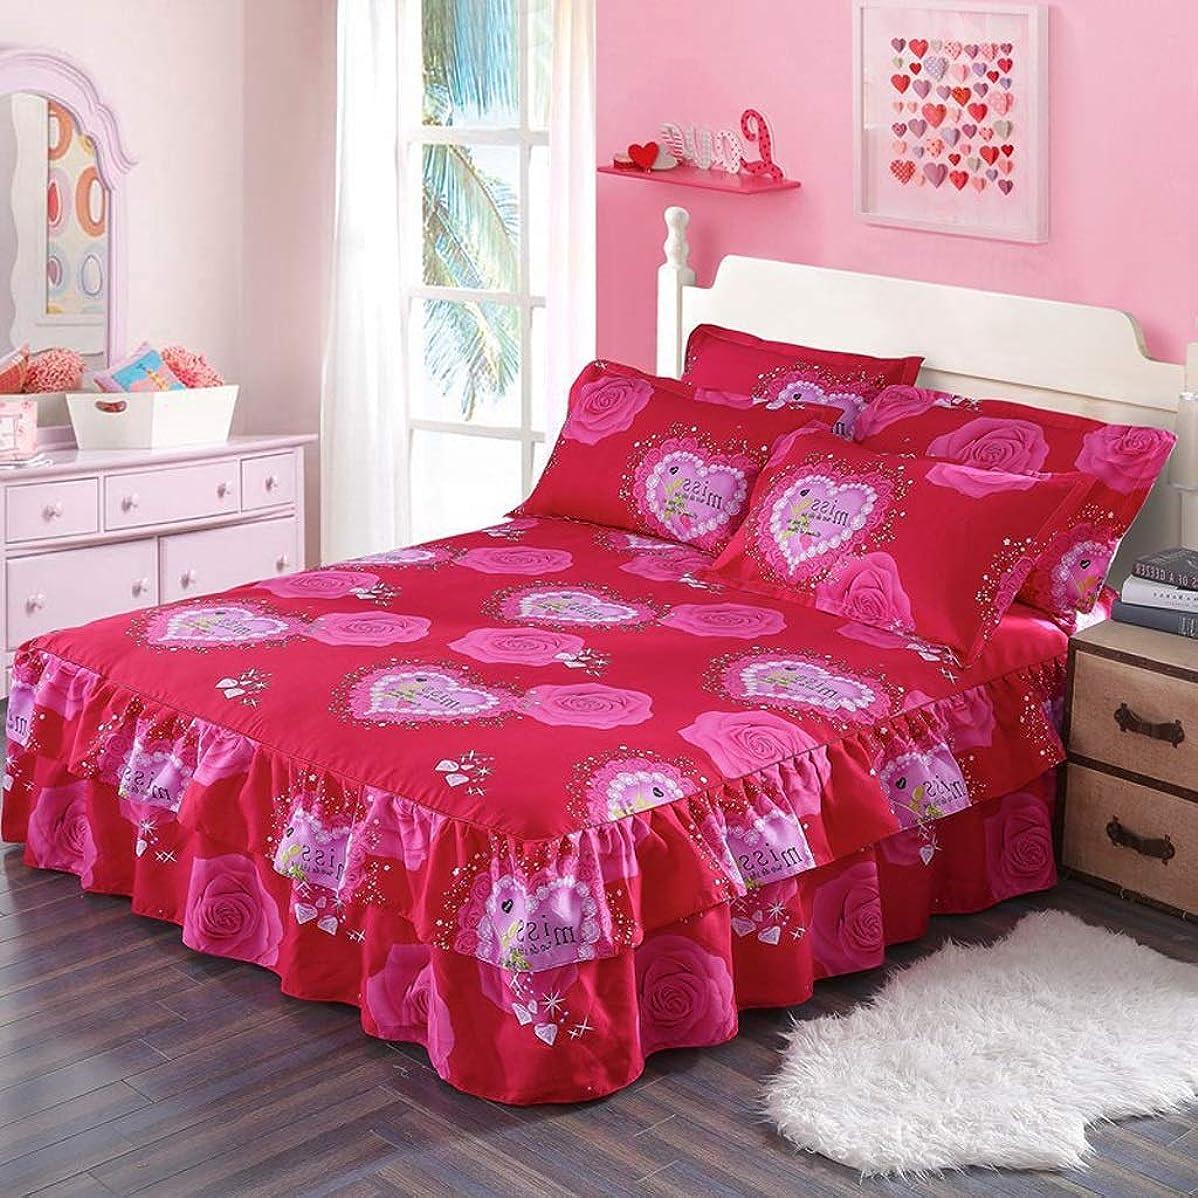 異議キャプチャー騒々しい寝具プリーツベッドスカートダブルベッドスカートダブルレース保護ケース - 高級ダストラッフル (色 : W, サイズ さいず : 200×220cm)